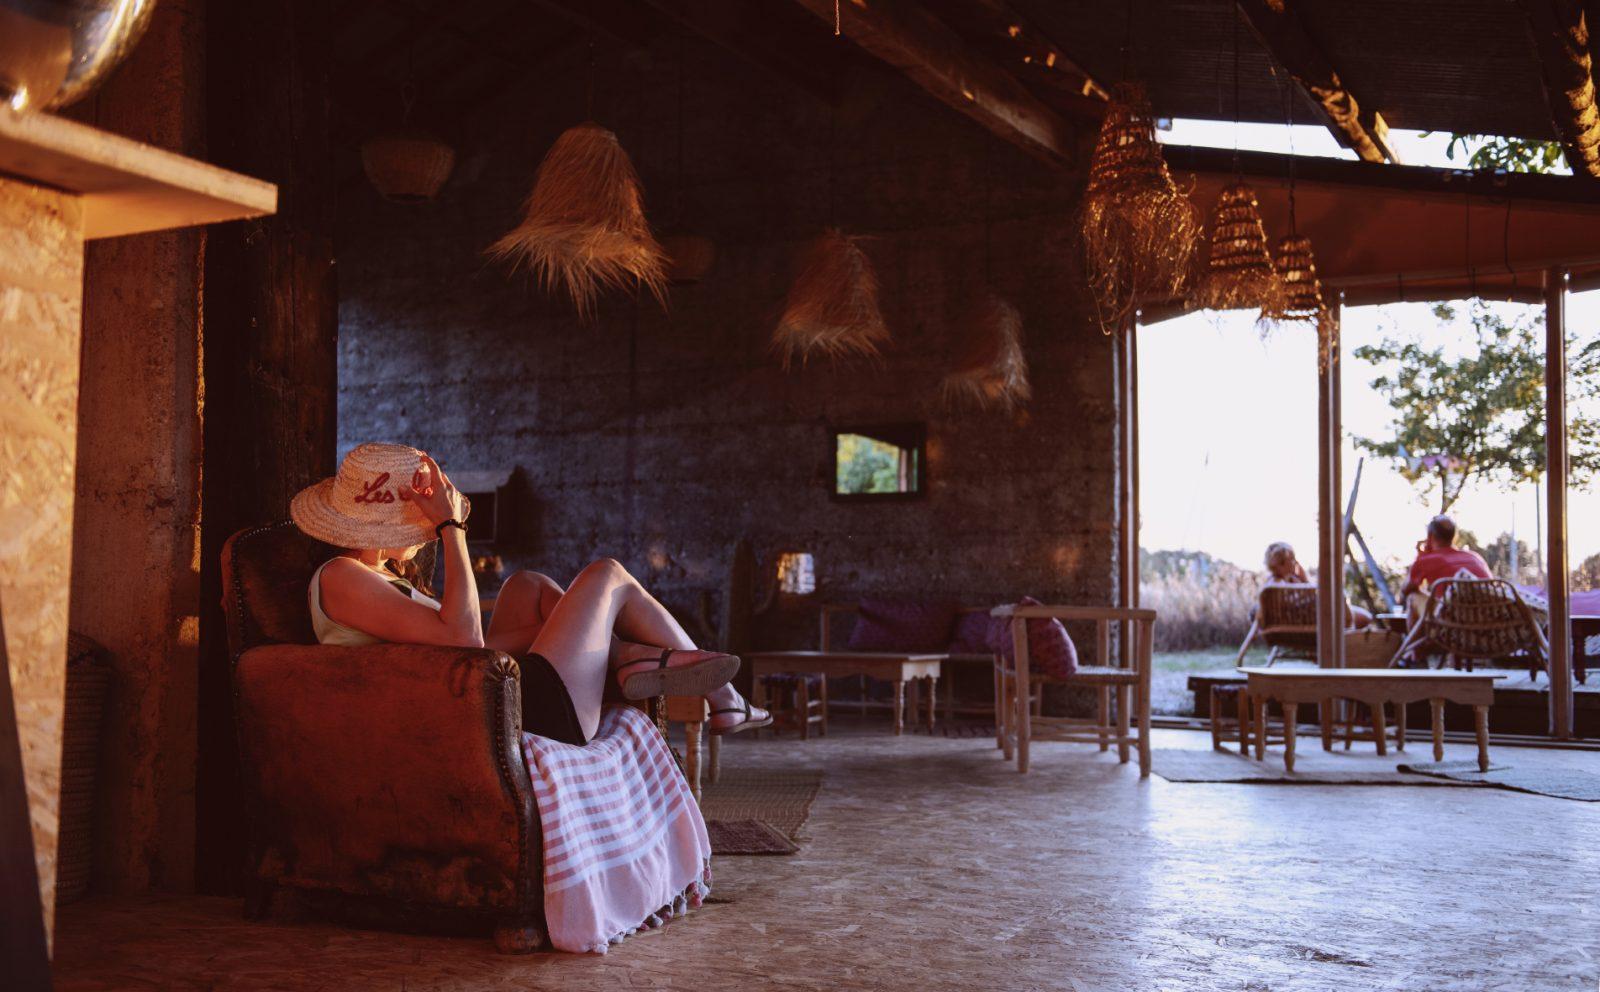 Les Chamberts- Camping et Lodges – Décoration bohème chic du bar restaurant